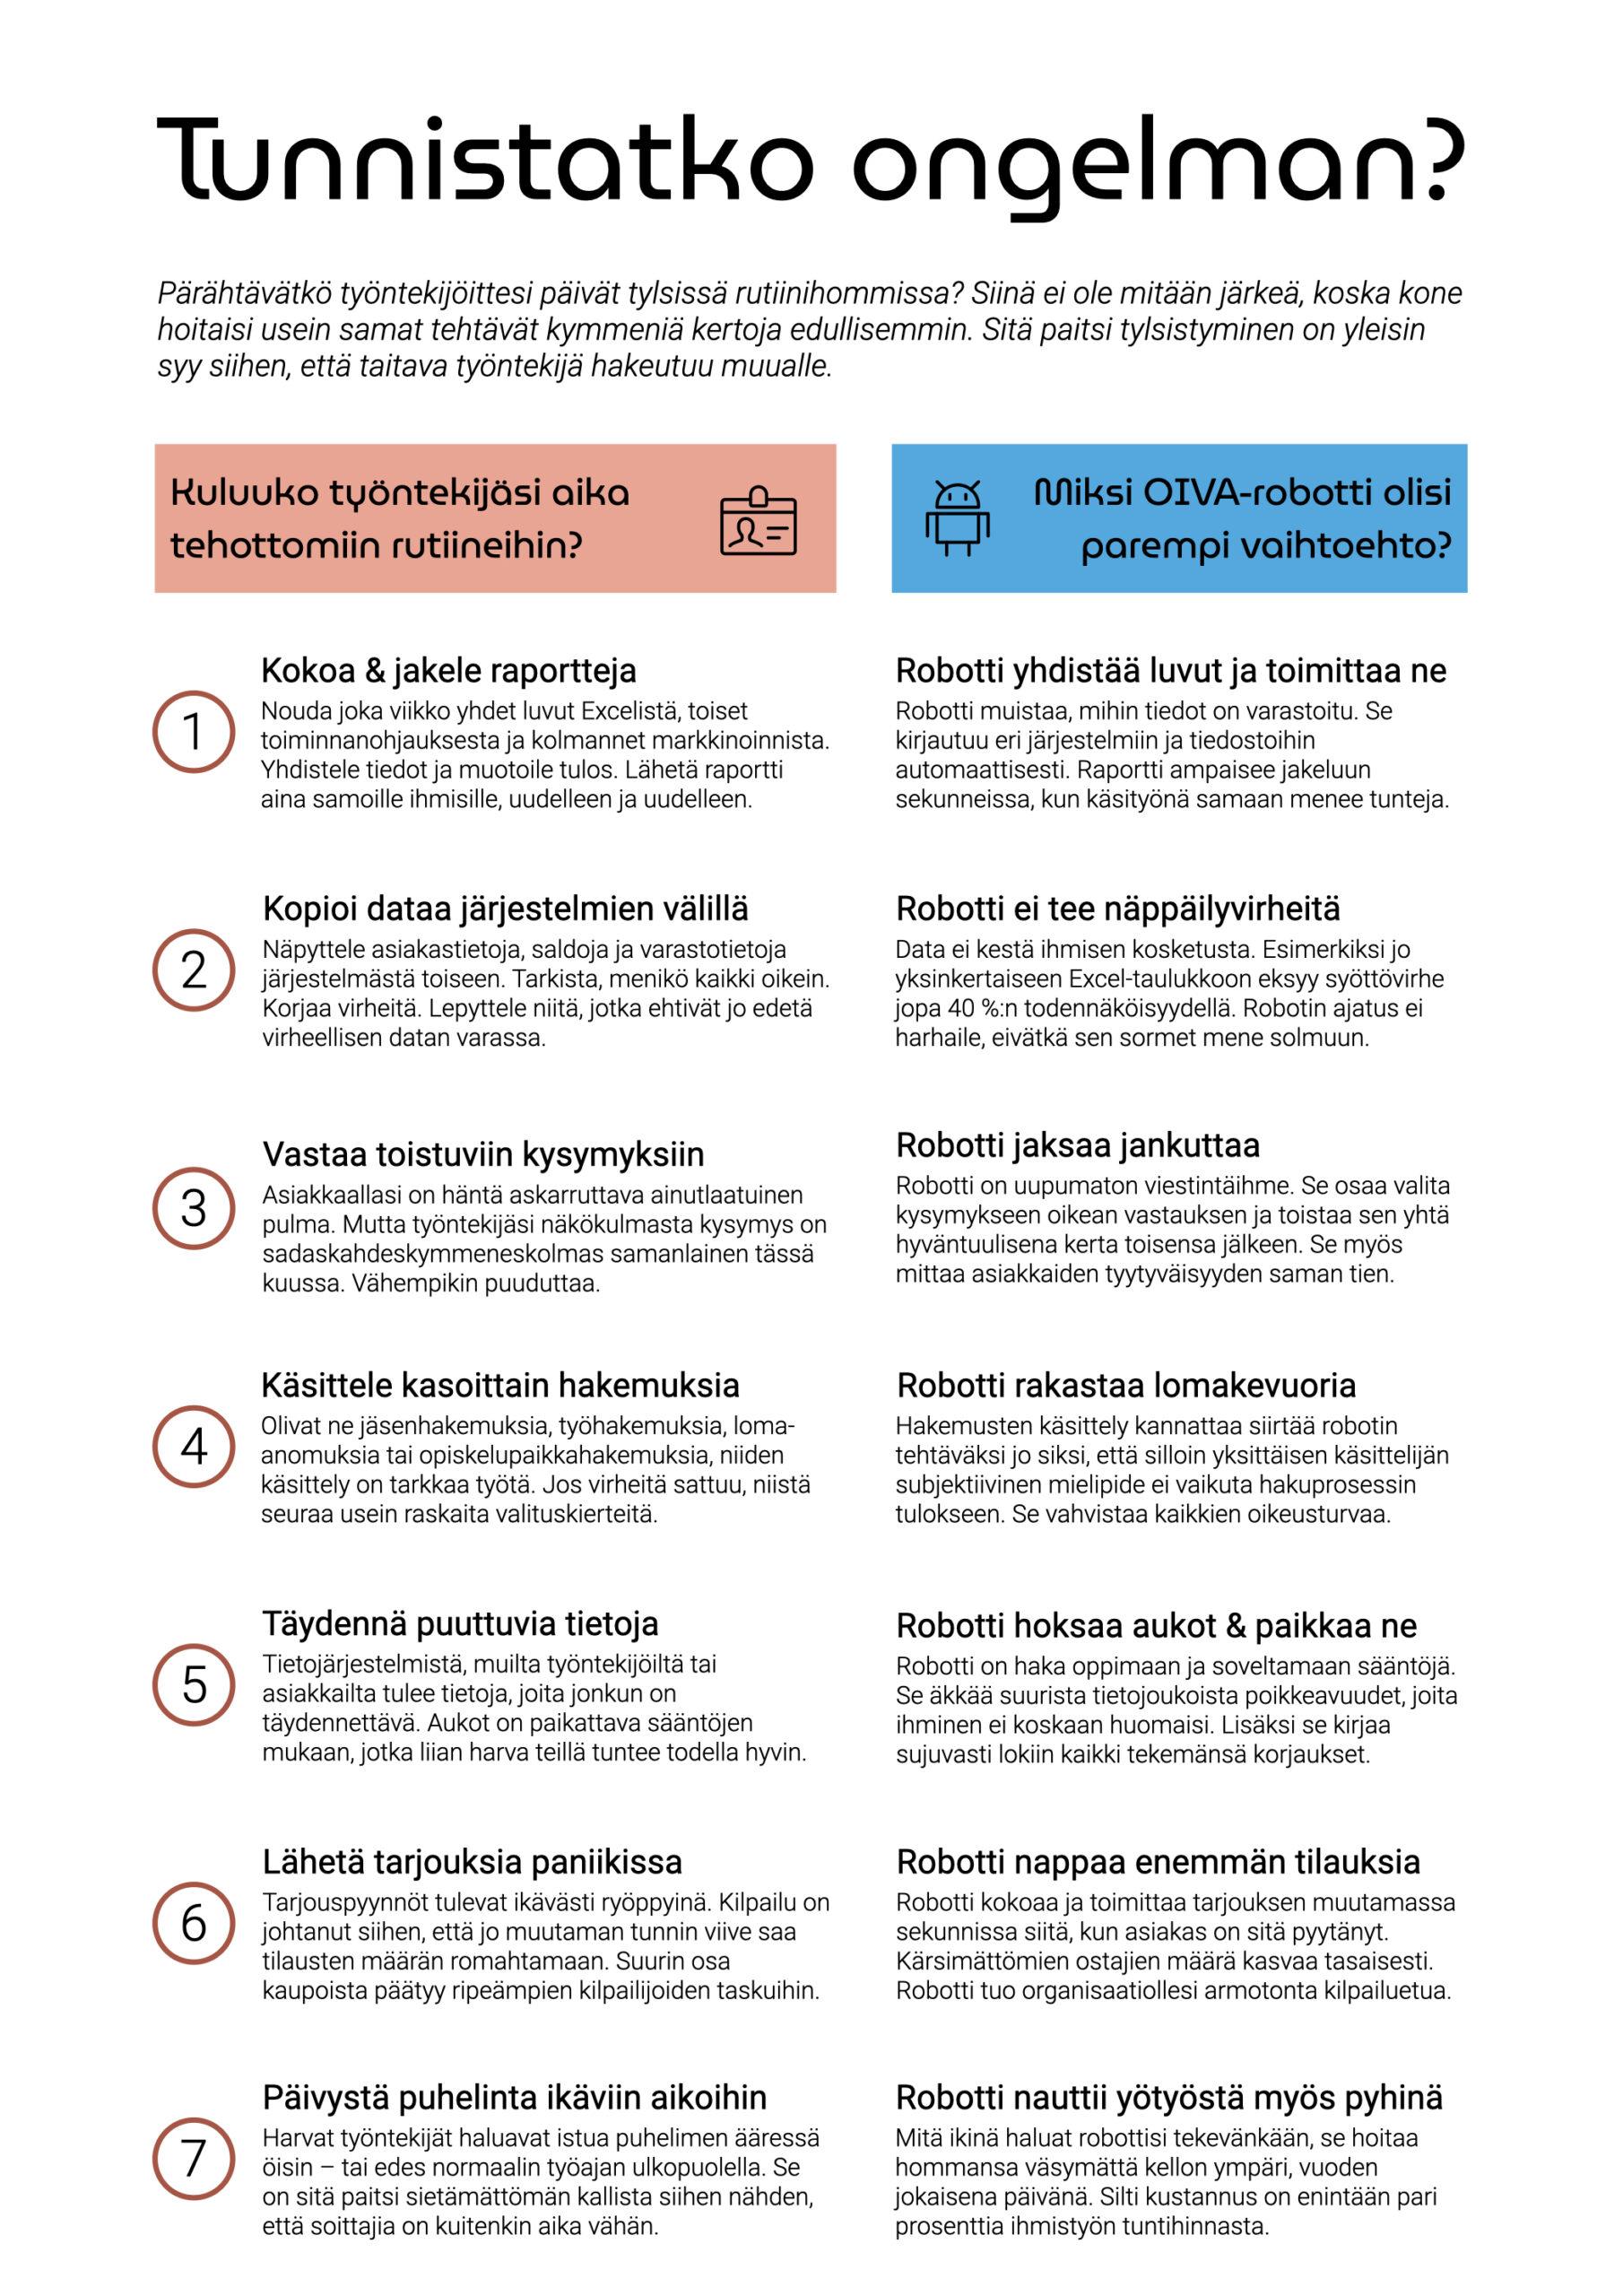 OIVA-ohjelmistorobotti, ESITE, sivu 2/4: Tässä yhdelle sivulle on tiivistetty seitsemän tylsää rutiinihommaa, jotka ohjelmistorobotti hoitaisi ihmistä edullisemmin ja laadukkaammin.